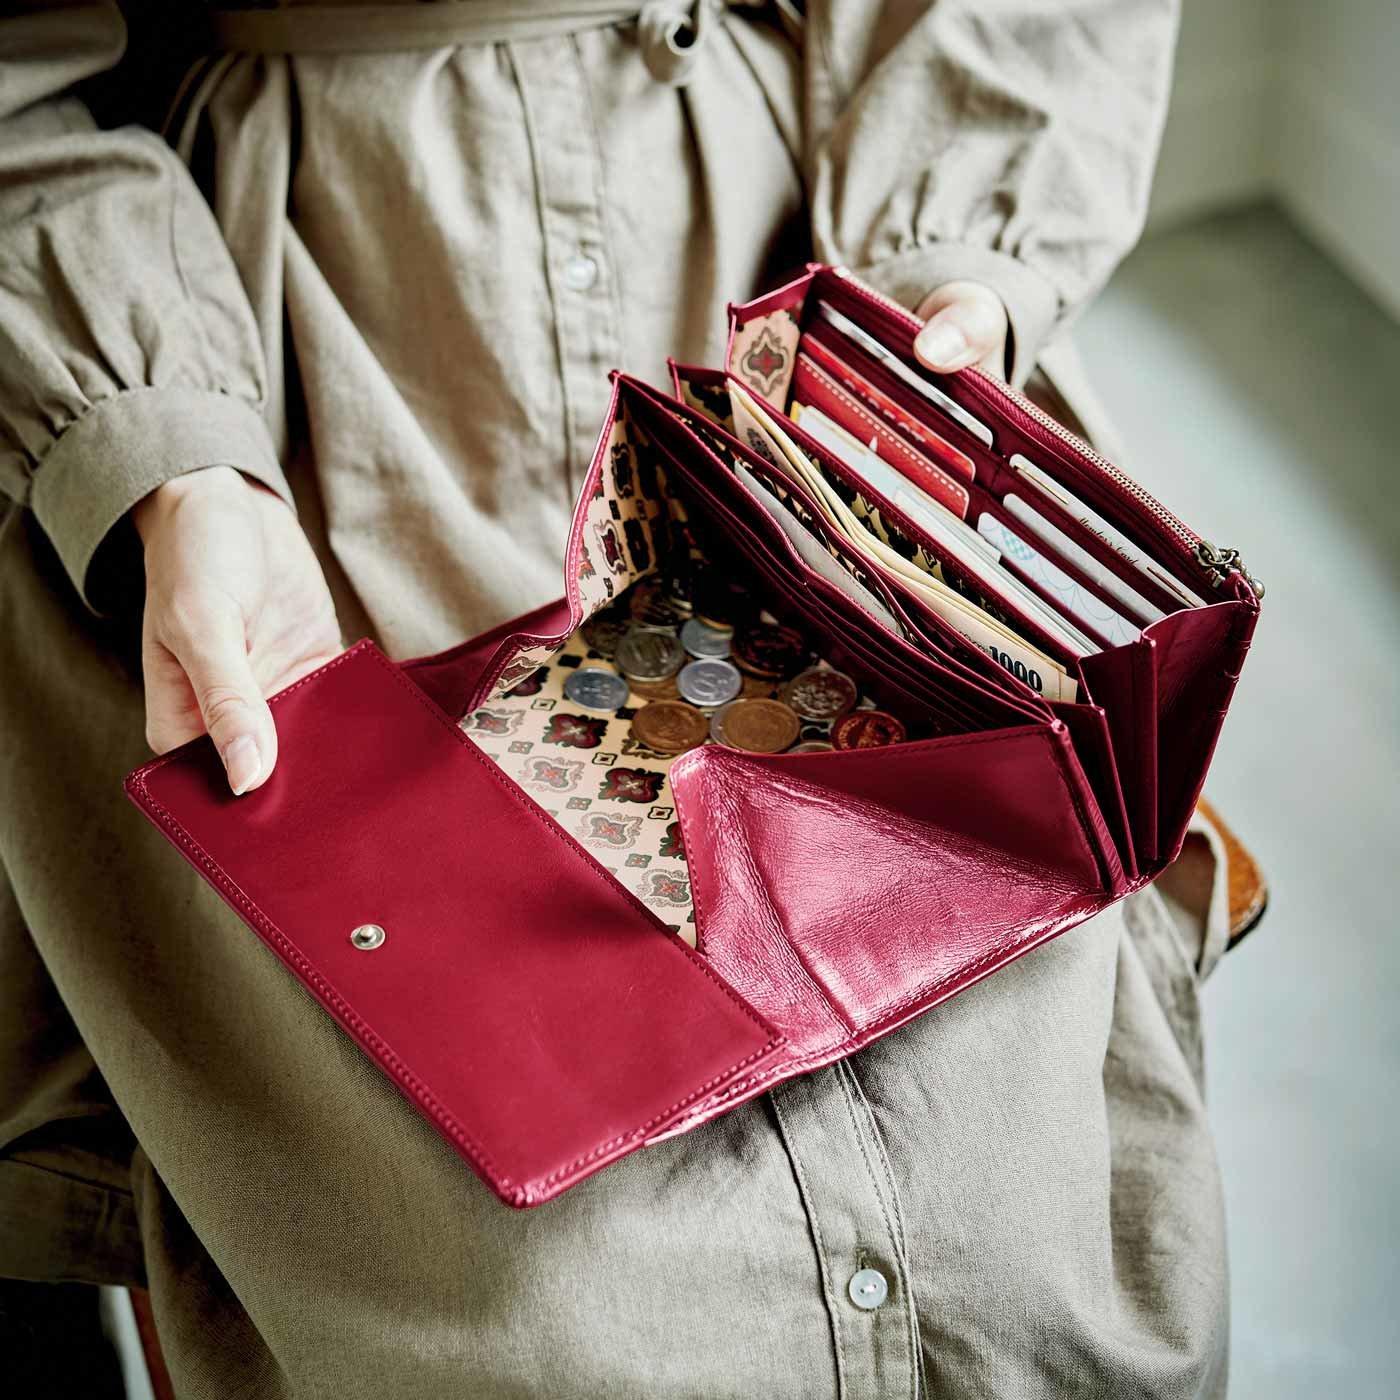 職人仕上げの馬革ギャルソン財布〈薔薇色〉[本革 財布:日本製]